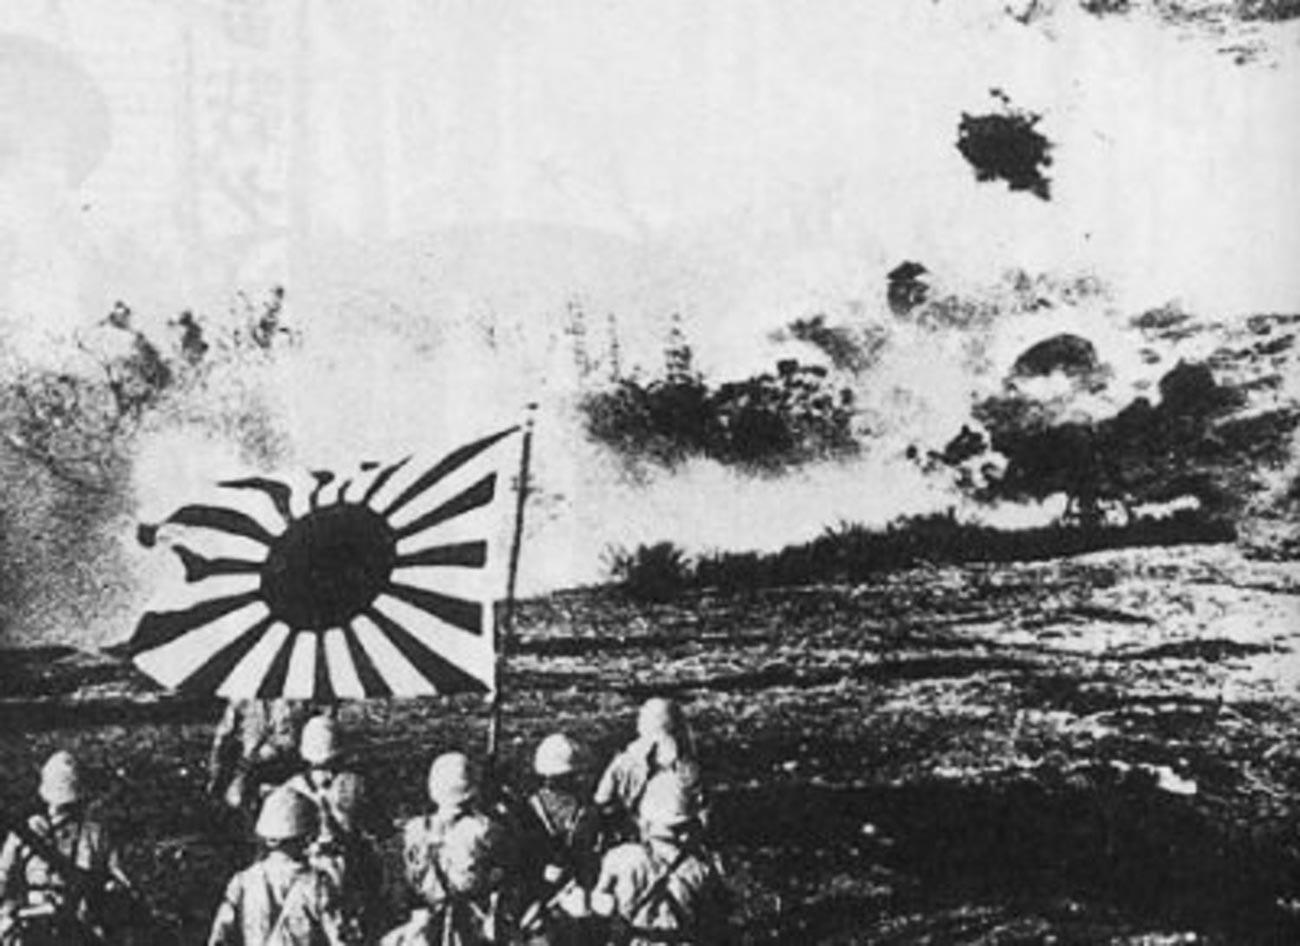 Pasukan pendaratan angkatan laut Jepang meledakkan pos penjagaan bawah tanah Tiongkok selama Operasi Kanton.